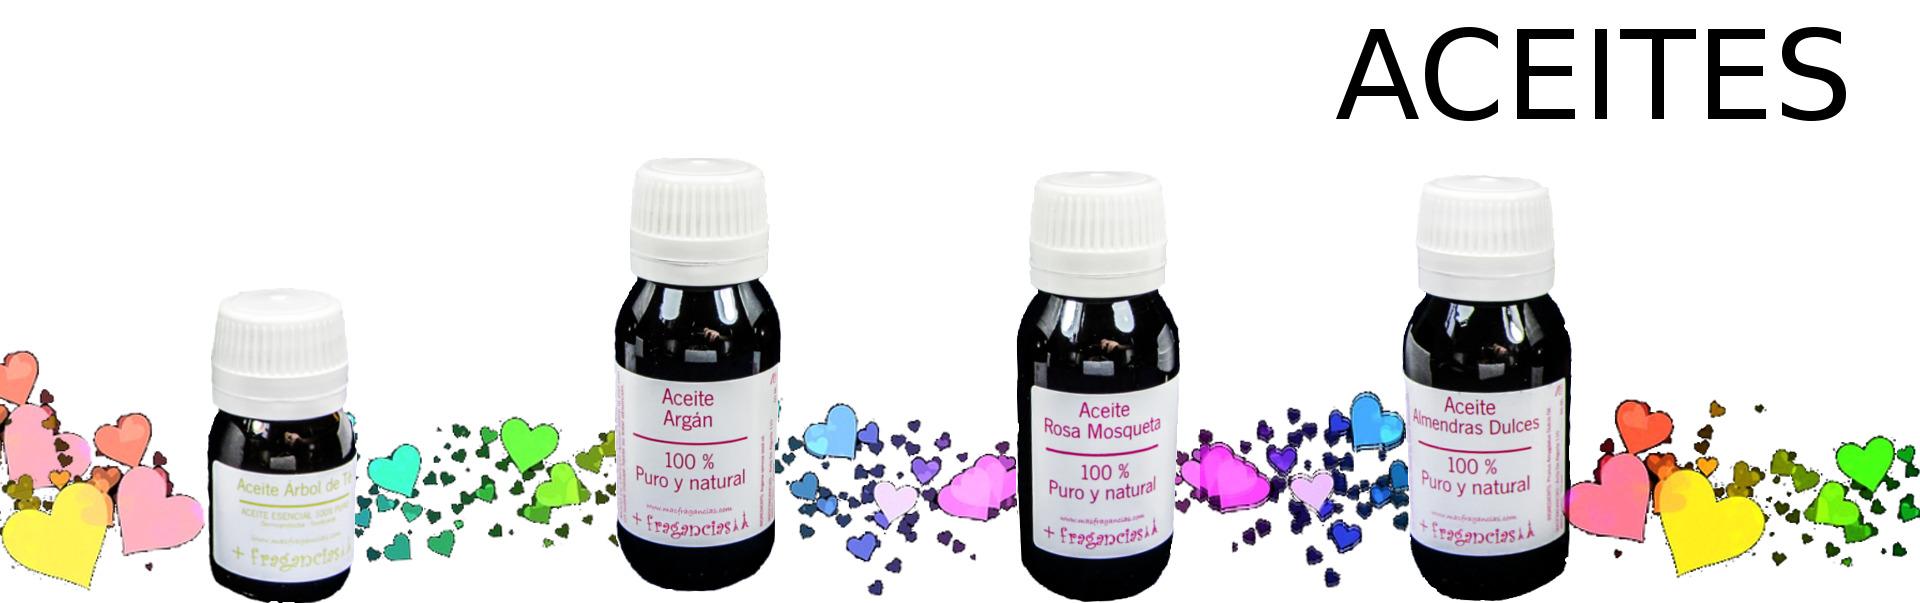 Aceites esenciales - aceites de tratamiento - masfragancias - cosmética natural